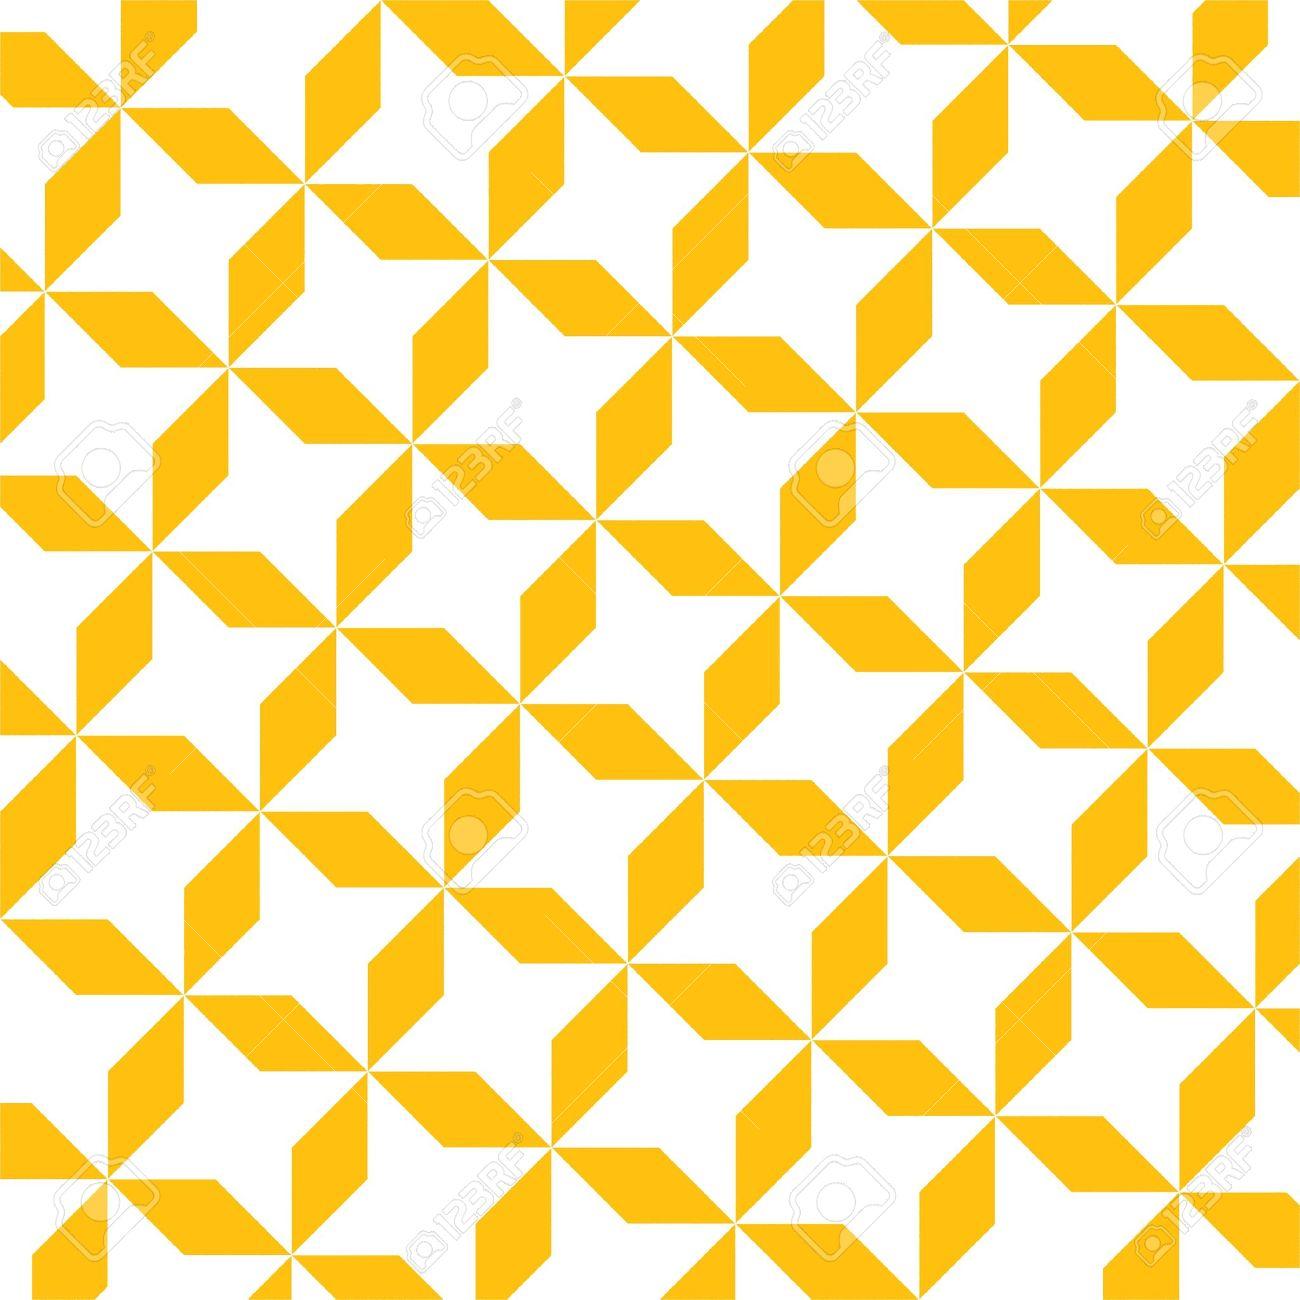 nahtlose grafische muster illustration fr design standard bild 15911481 - Grafische Muster